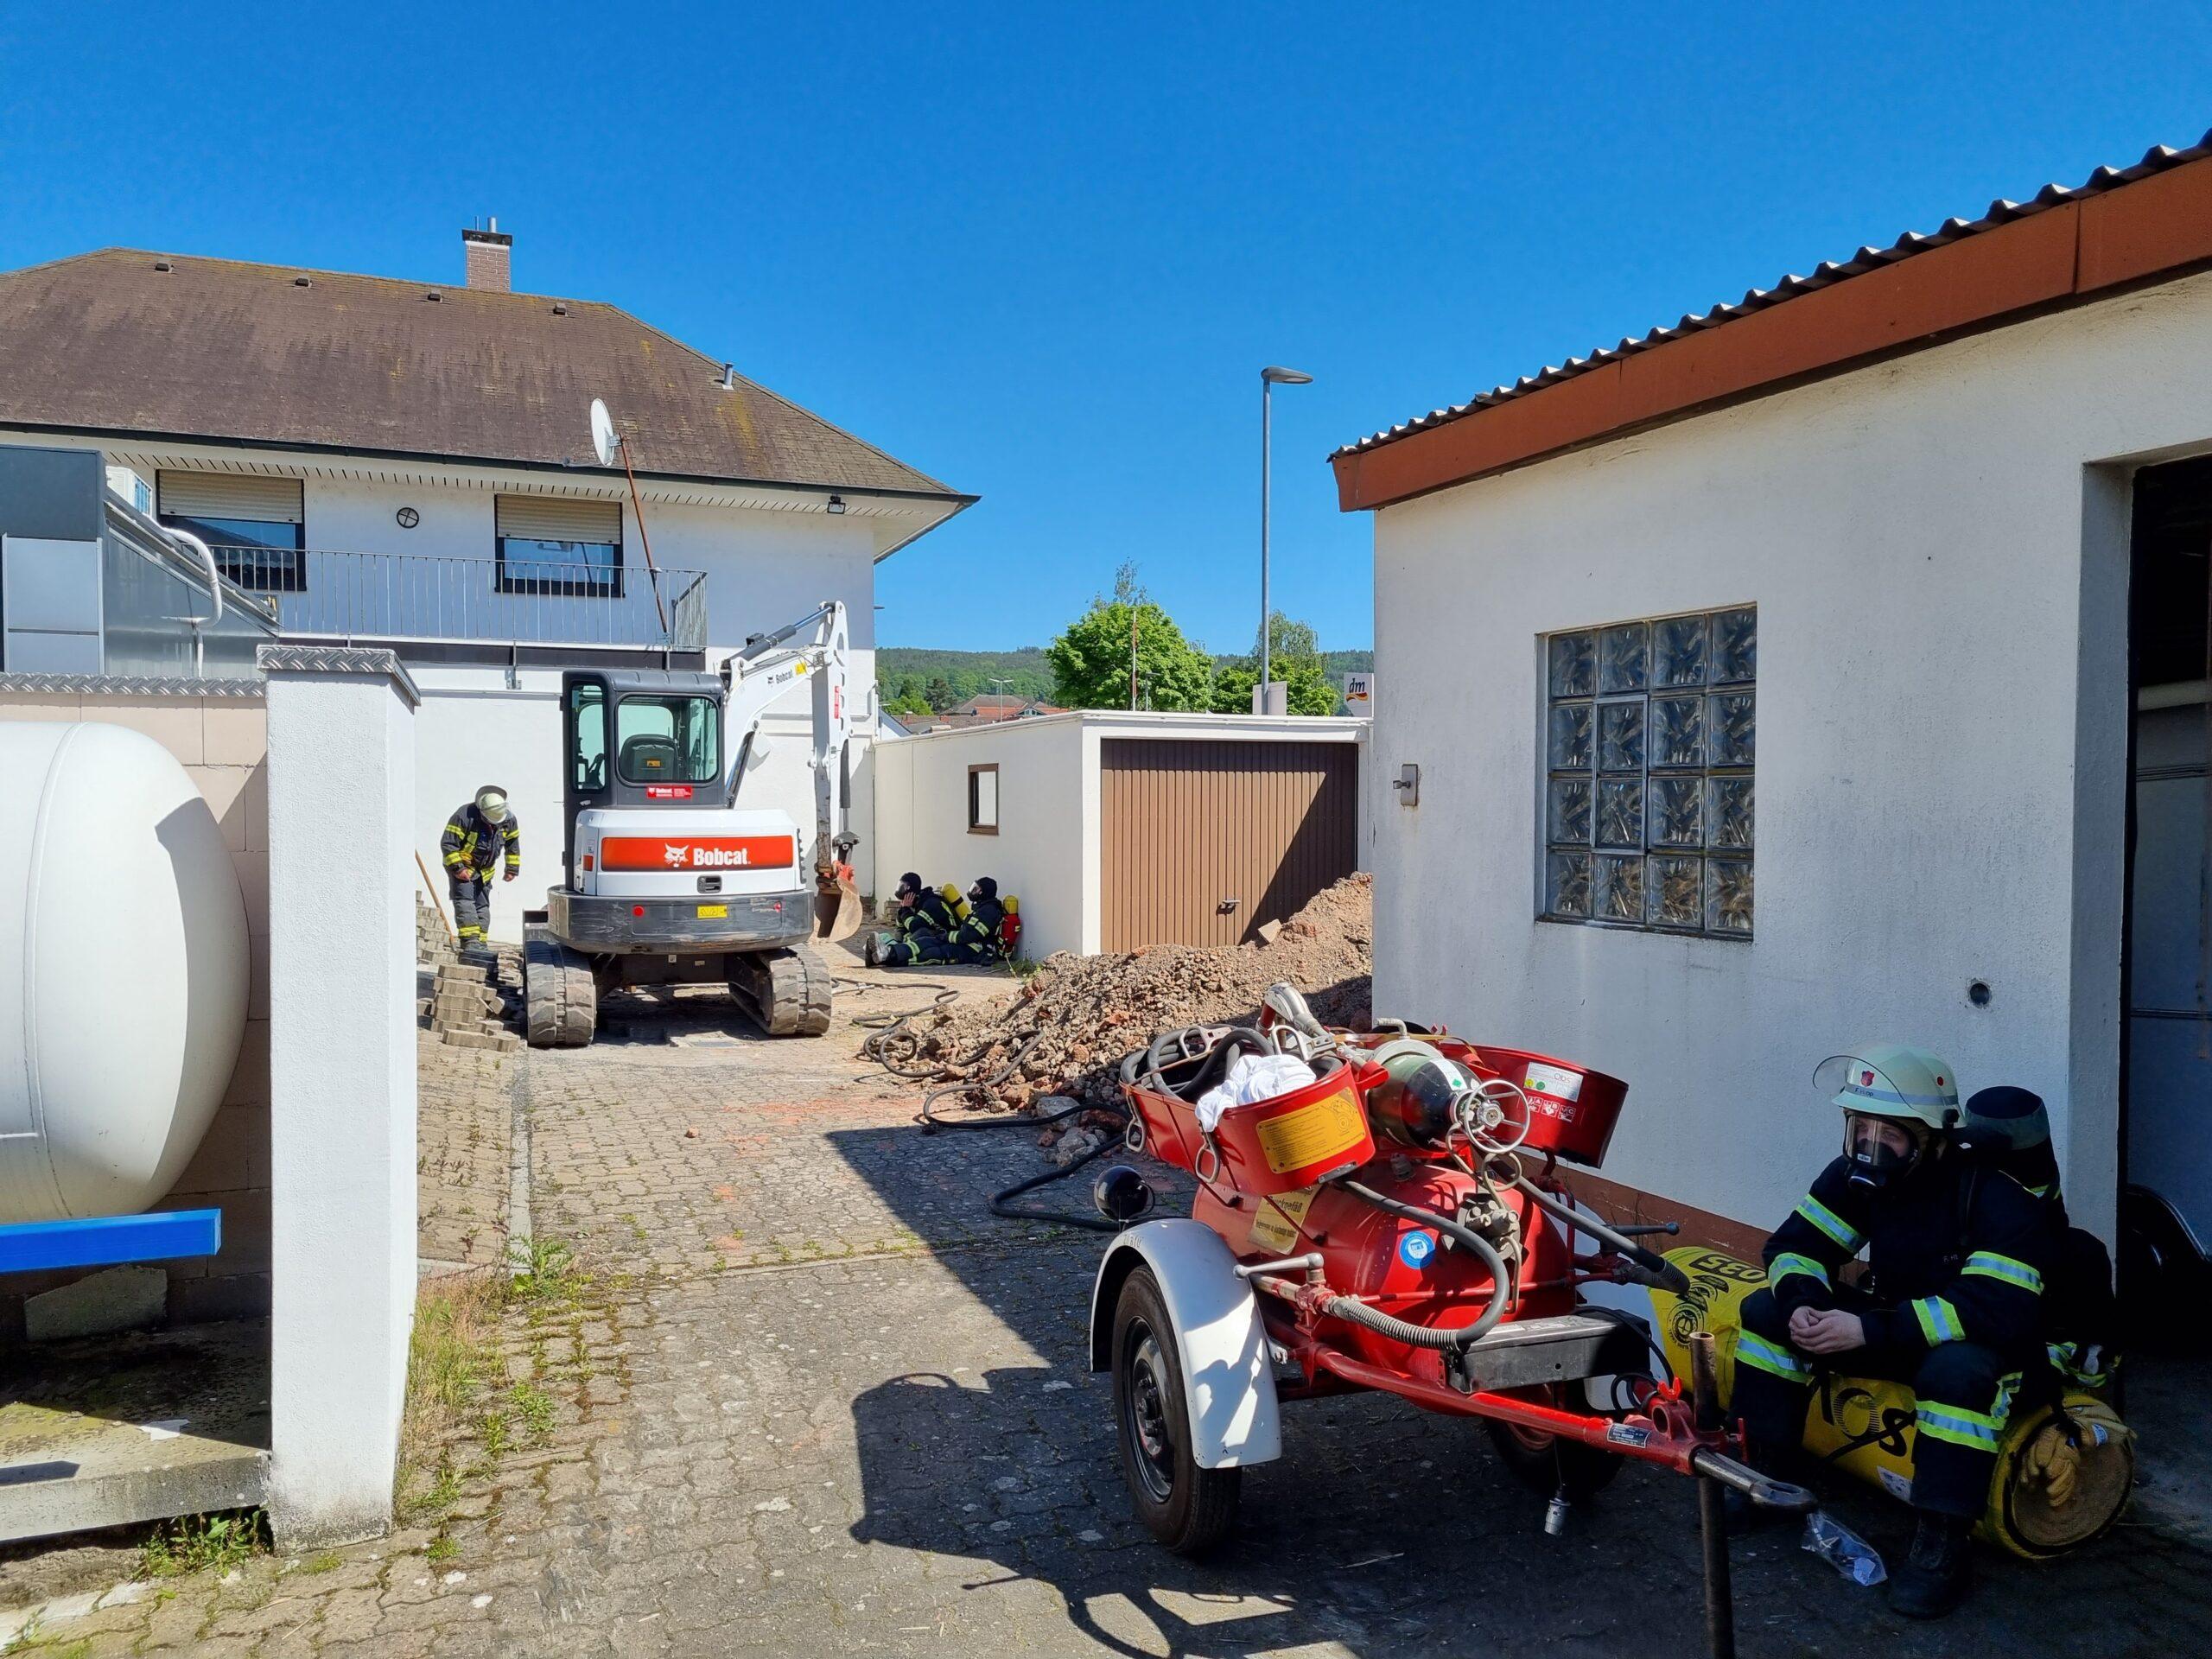 31.05.2021 Ausströmender Gastank in Michelstadt (10-21)